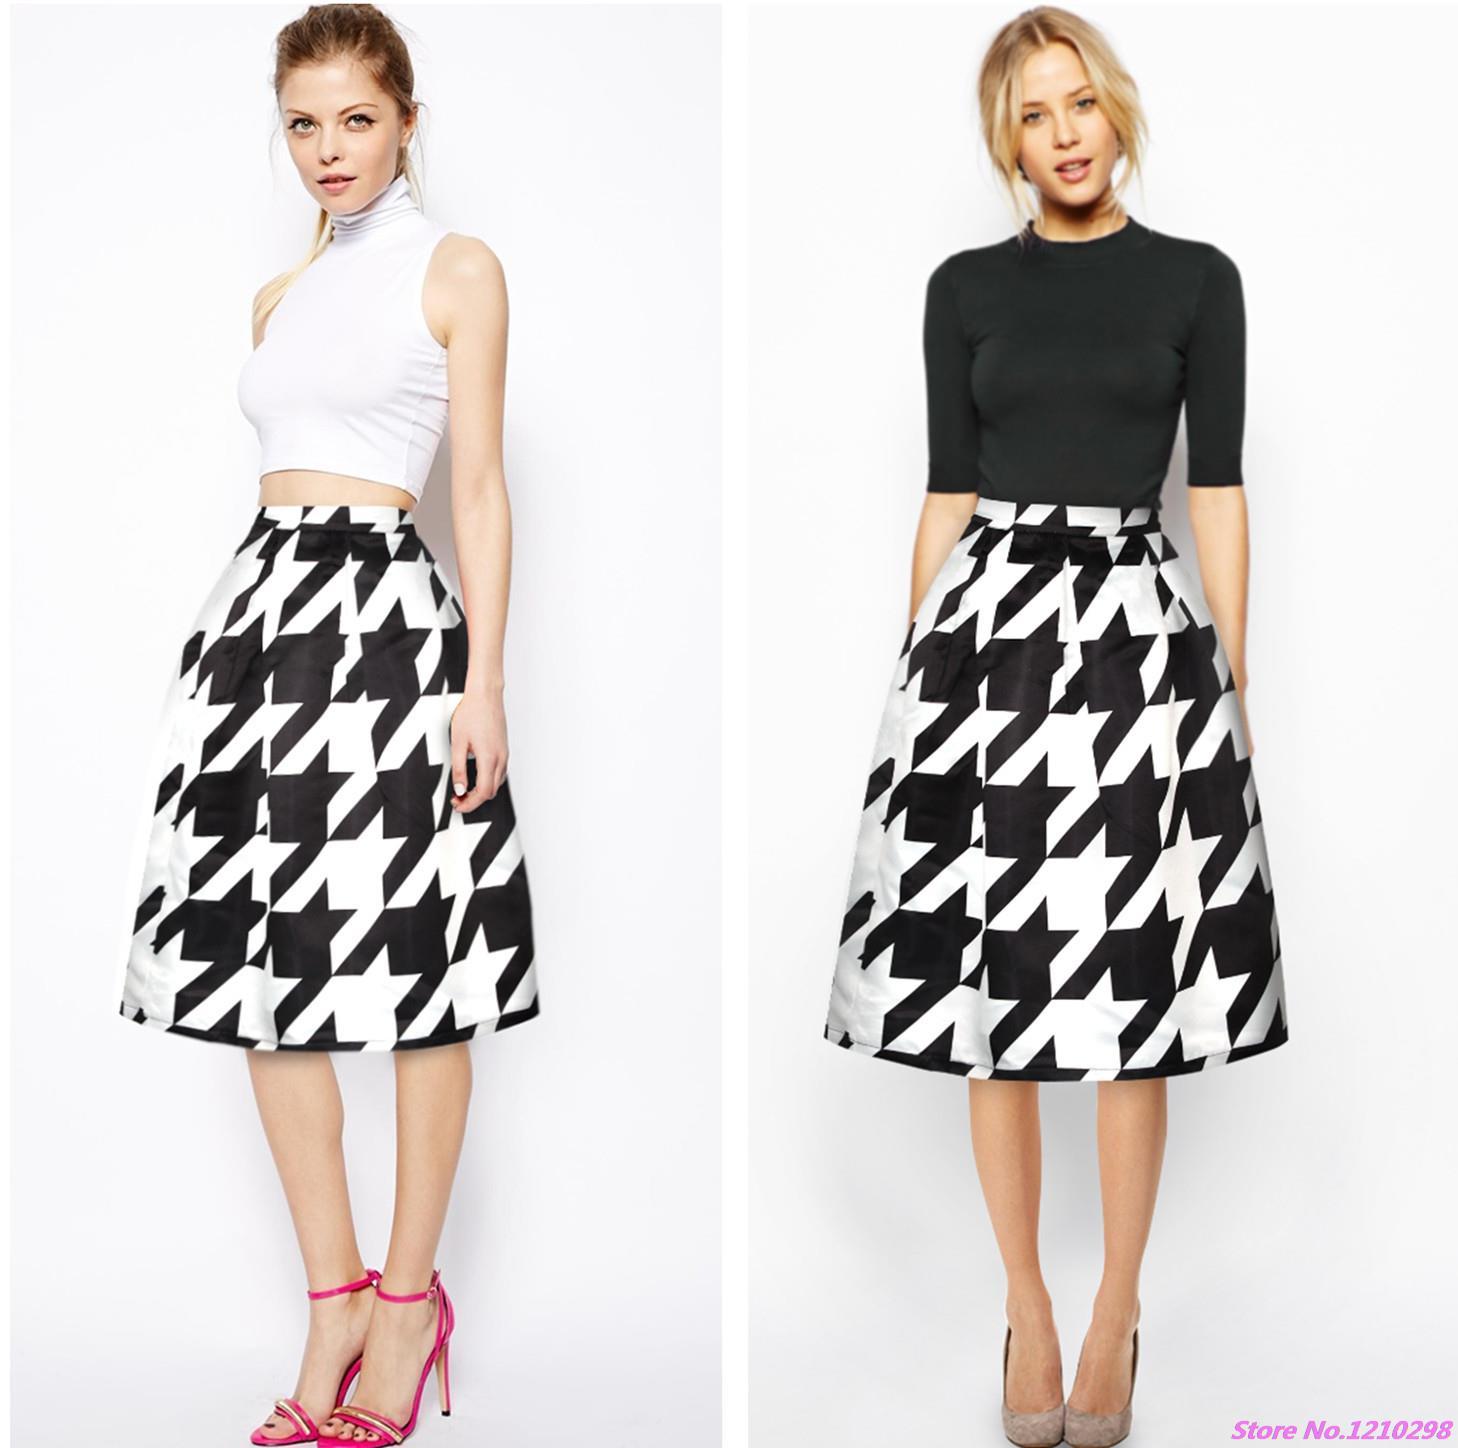 f0814c8cd8a5 Spring Plover Grid Women Skirt Black White Stripes Elastic High Waist Midi  Skirt 3D Digital Printing